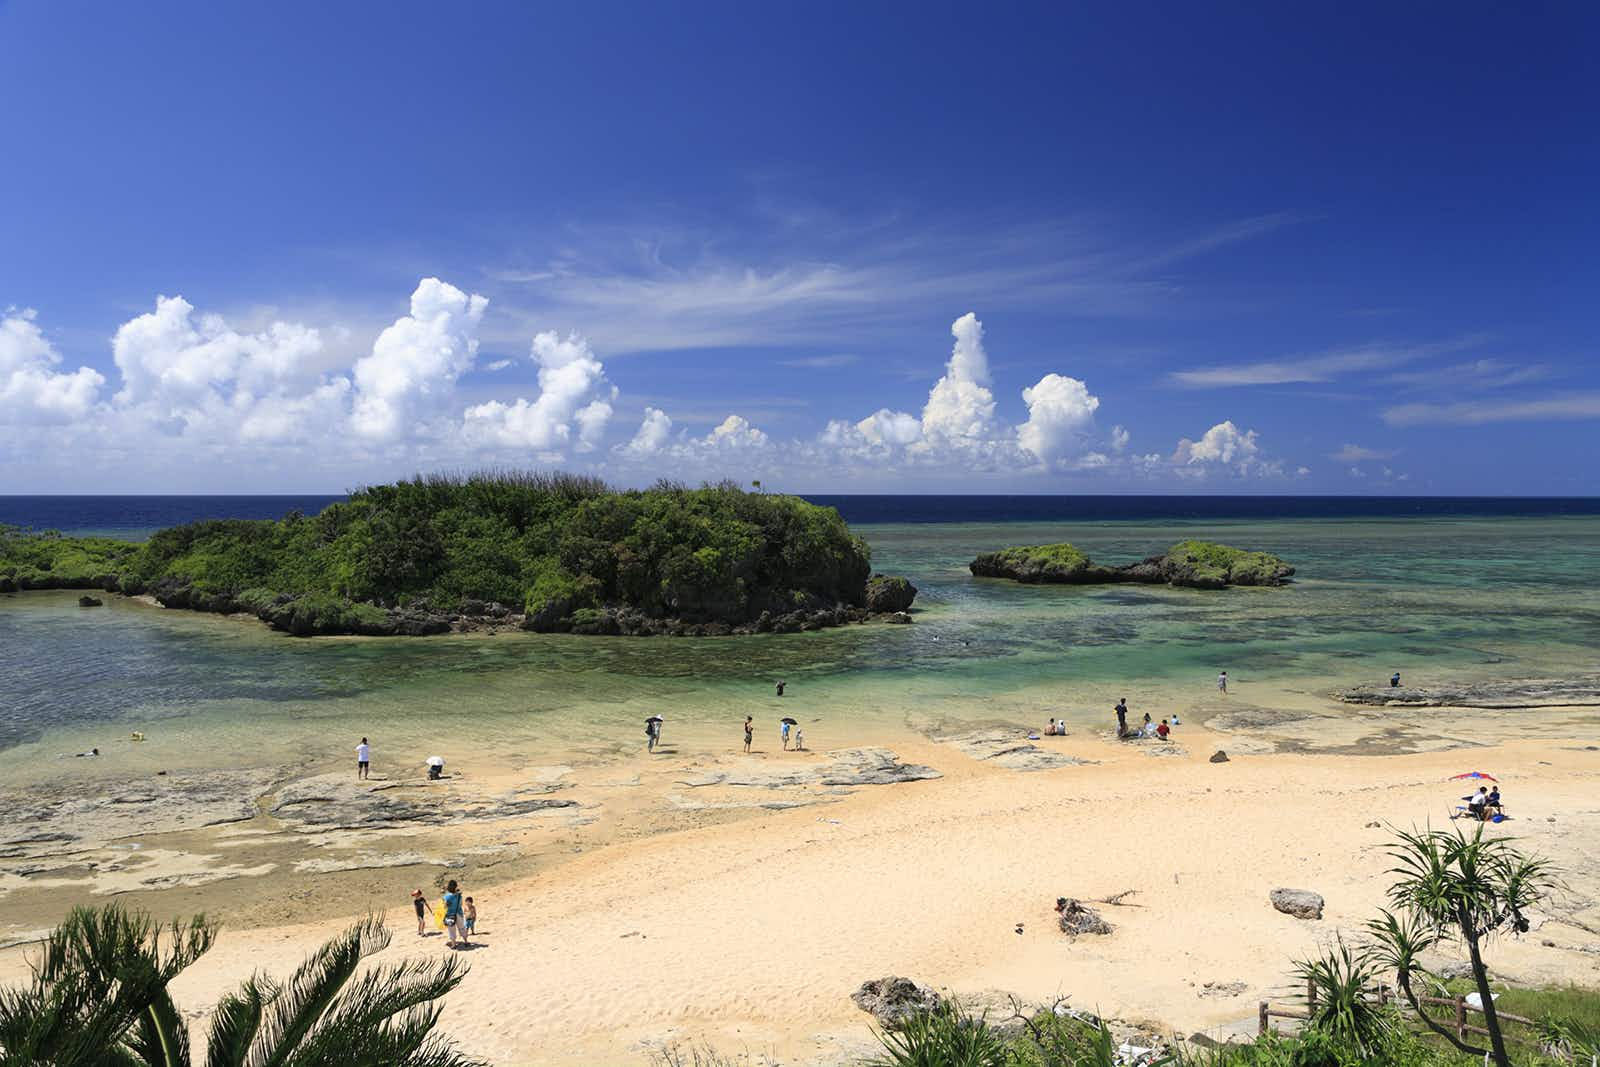 Three unique ways to unwind in Okinawa